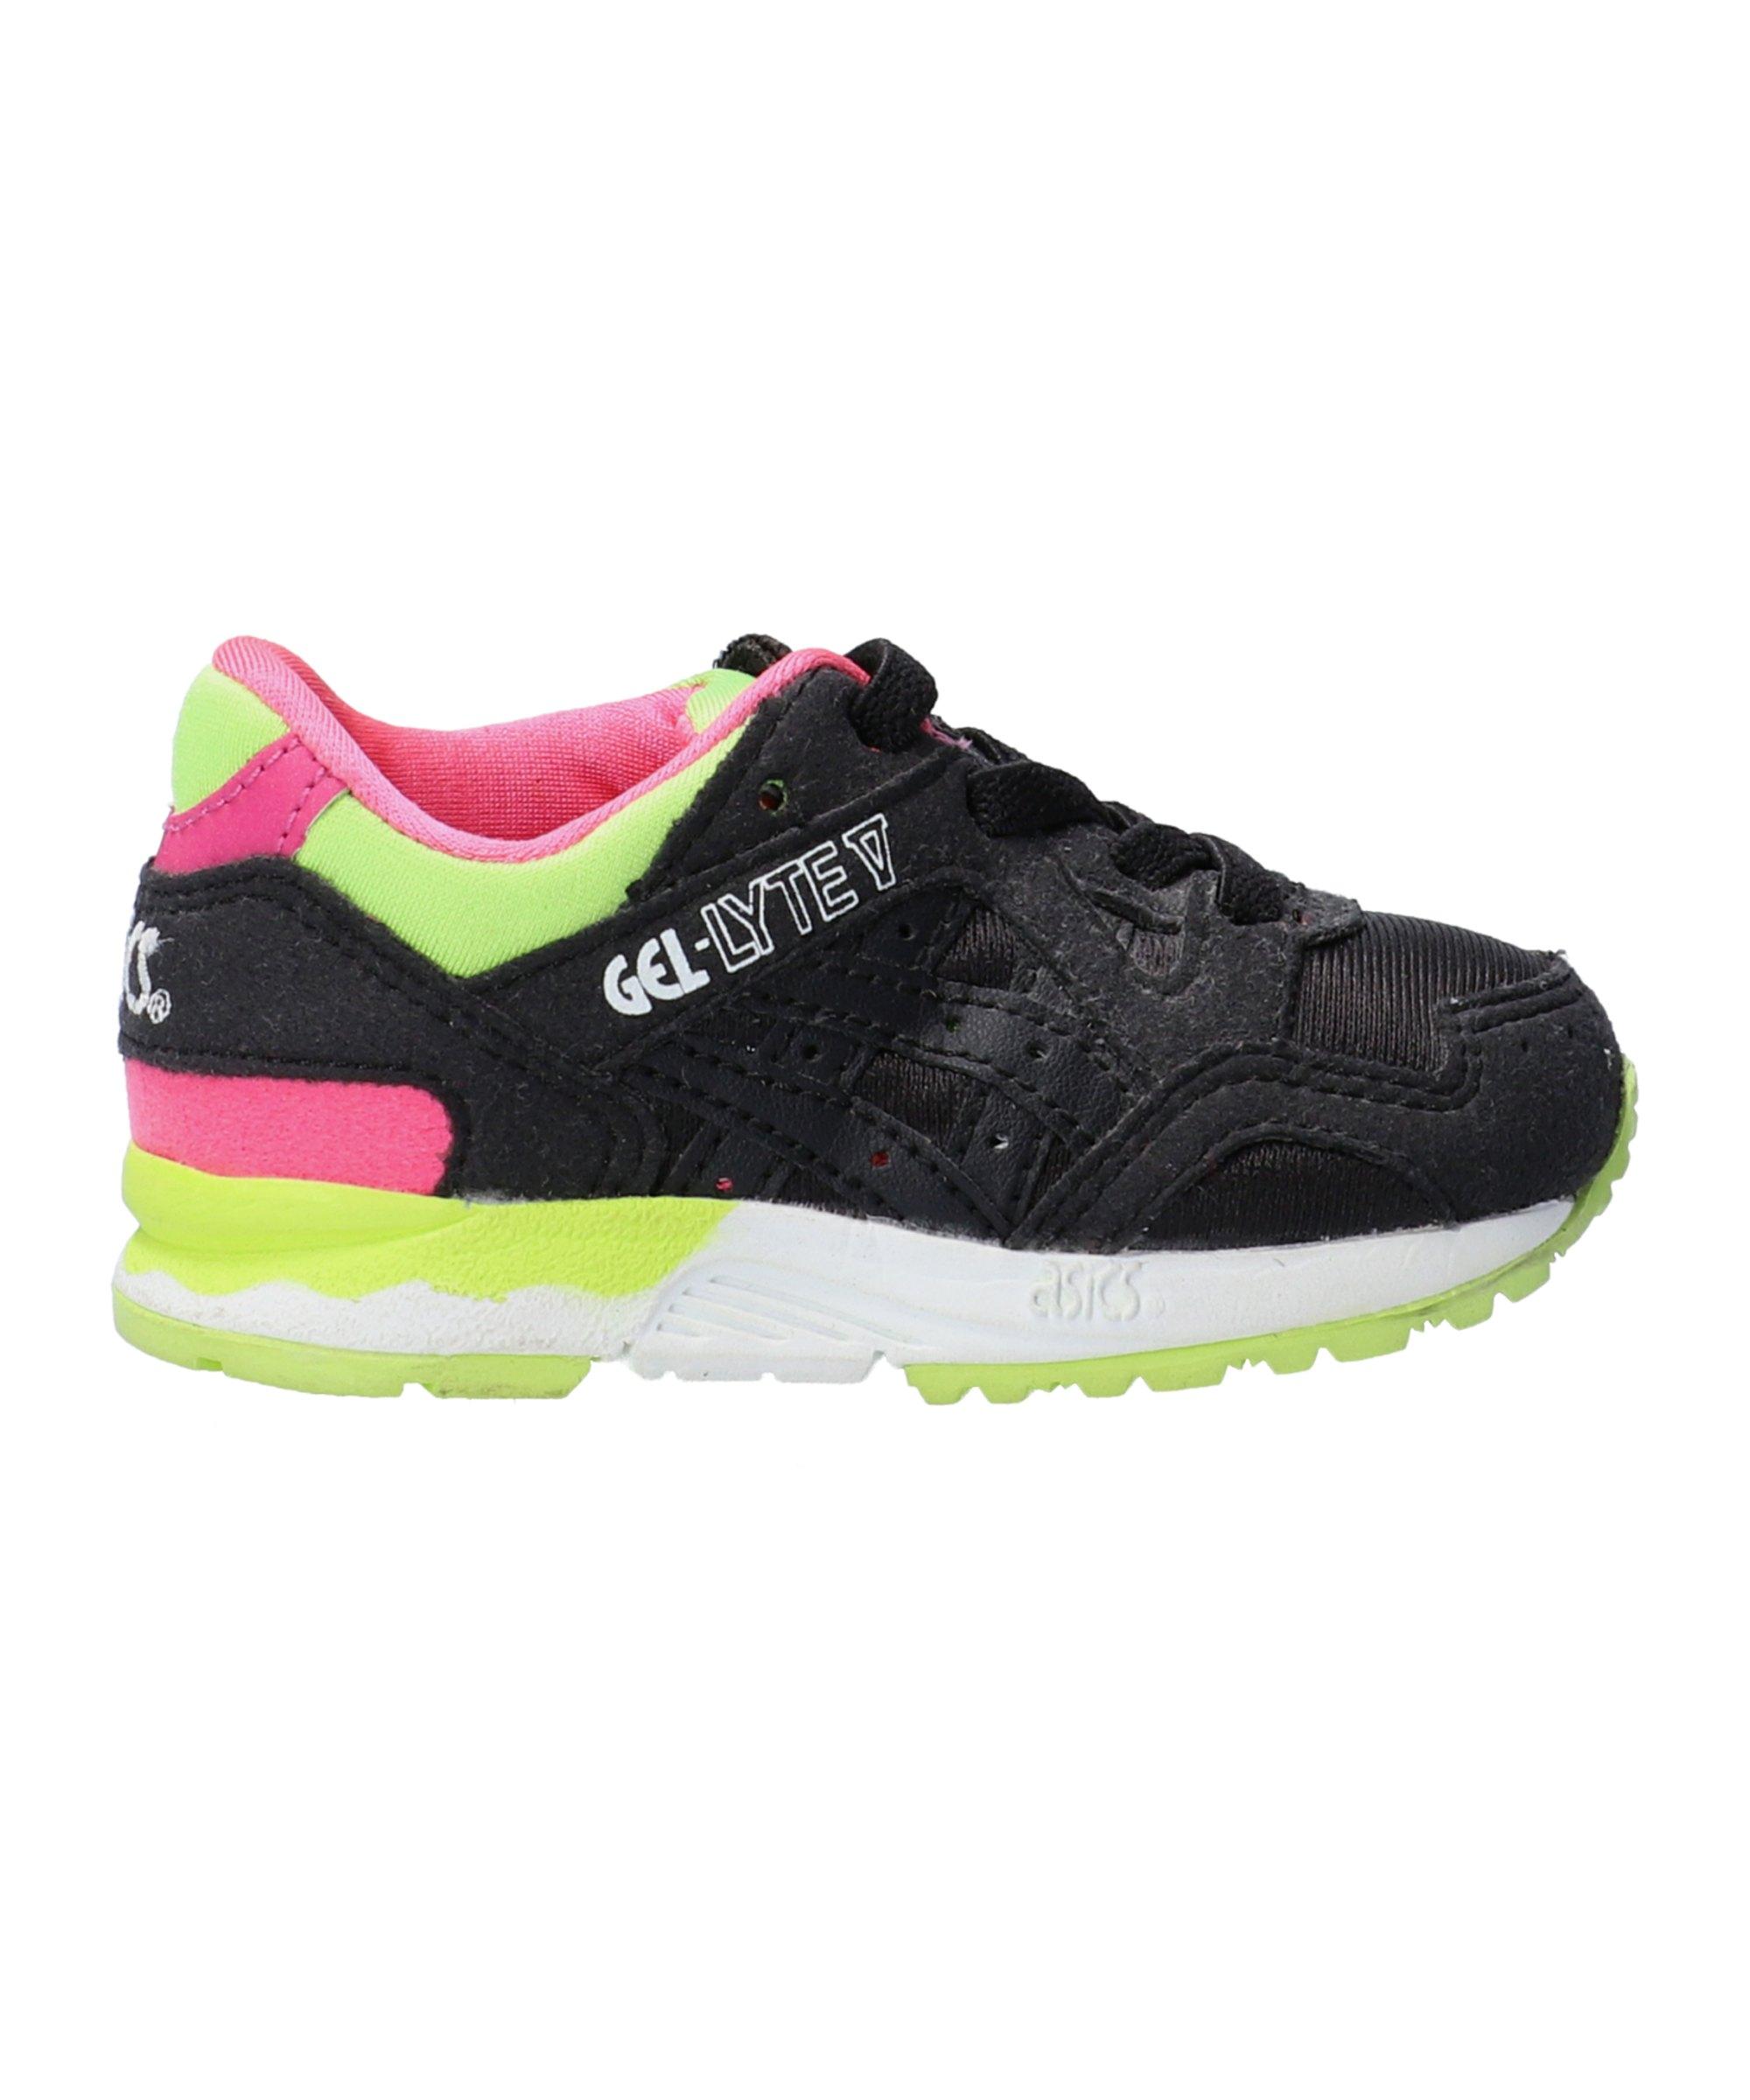 Asics TIger Gel-Lyte V TS Sneaker Kids Schwarz F9090 - Schwarz